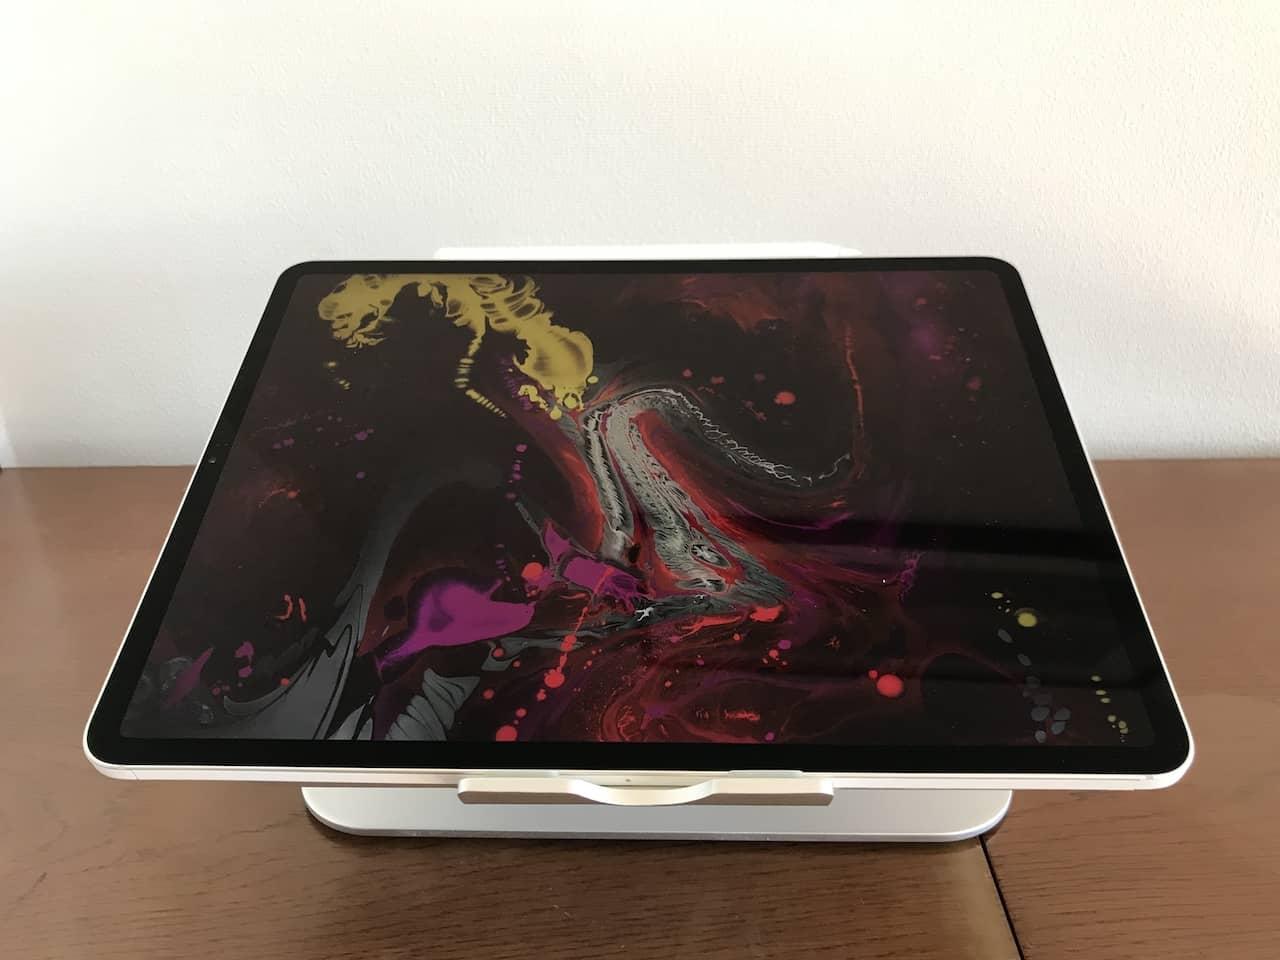 ノートPCスタンドにiPad pro 12.9インチを横向きで置いたところです。